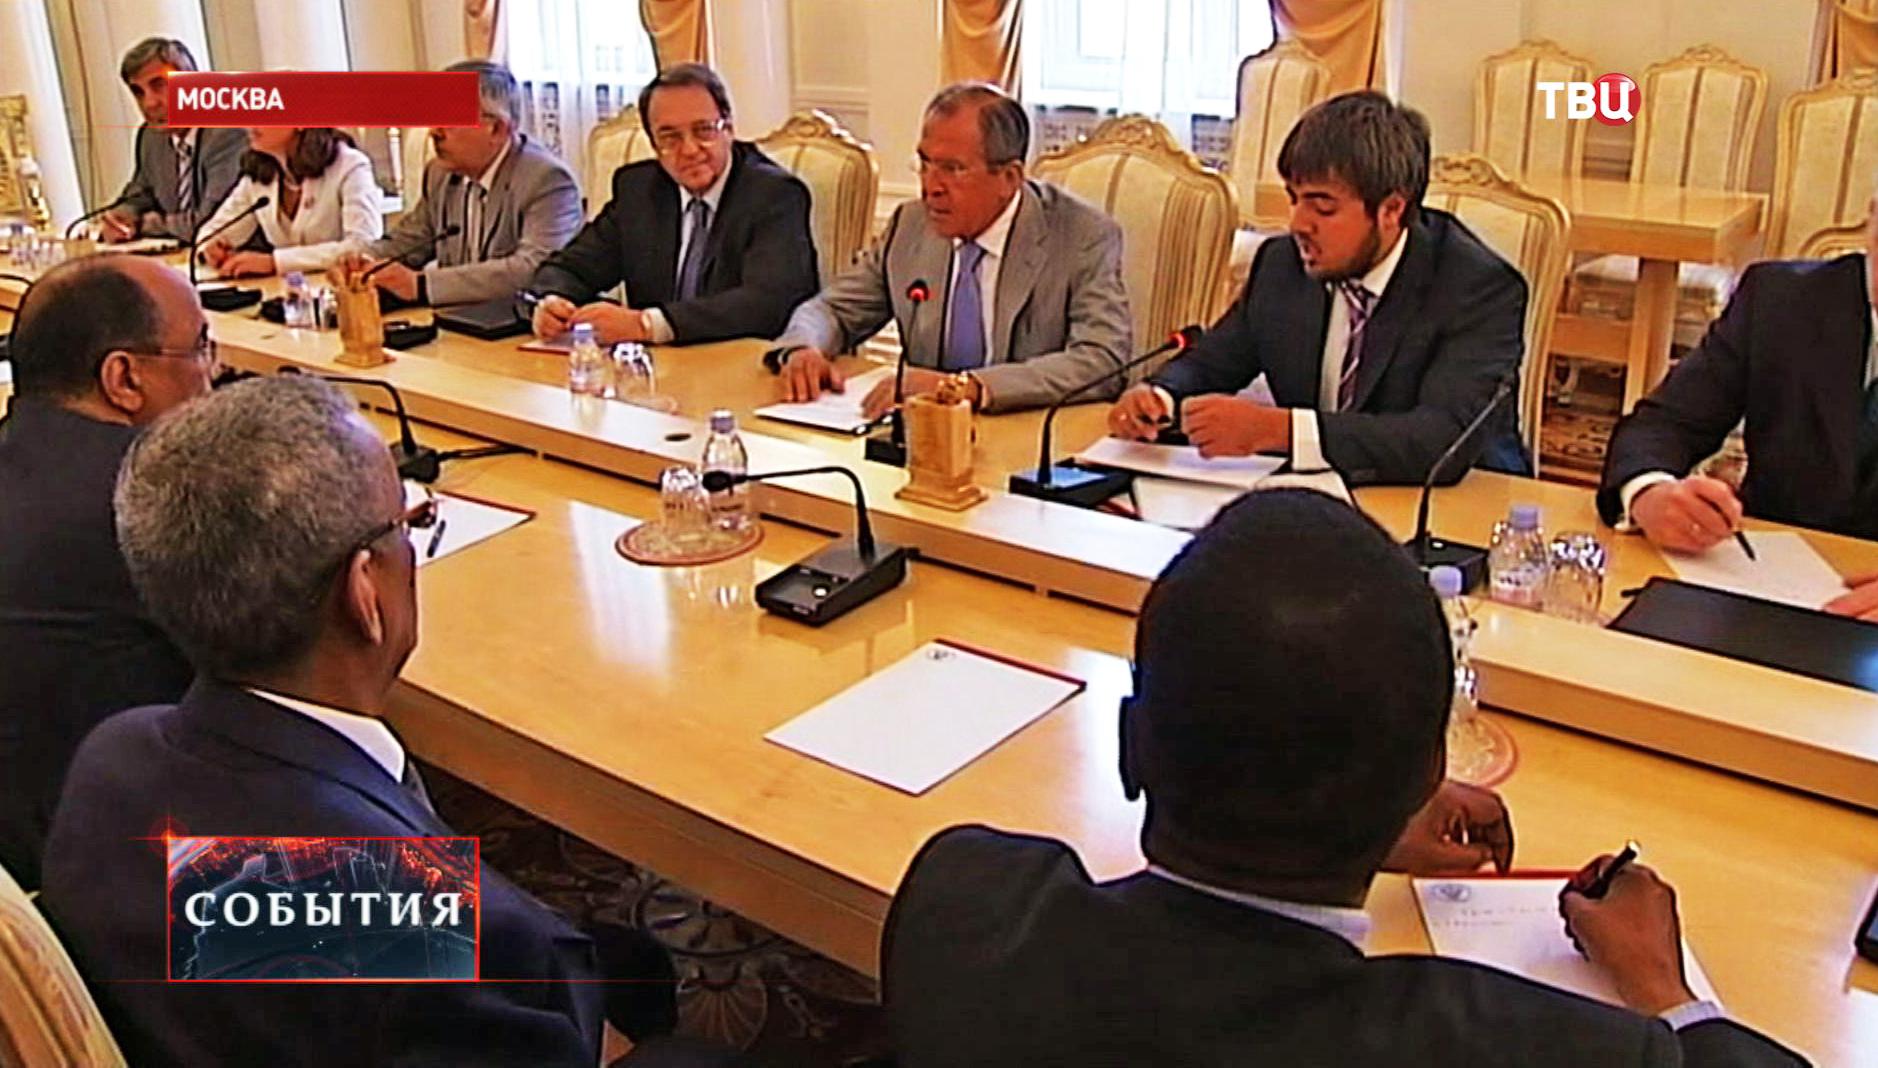 Глава МИД РФ Сергей Лавров во время пресс-конференции